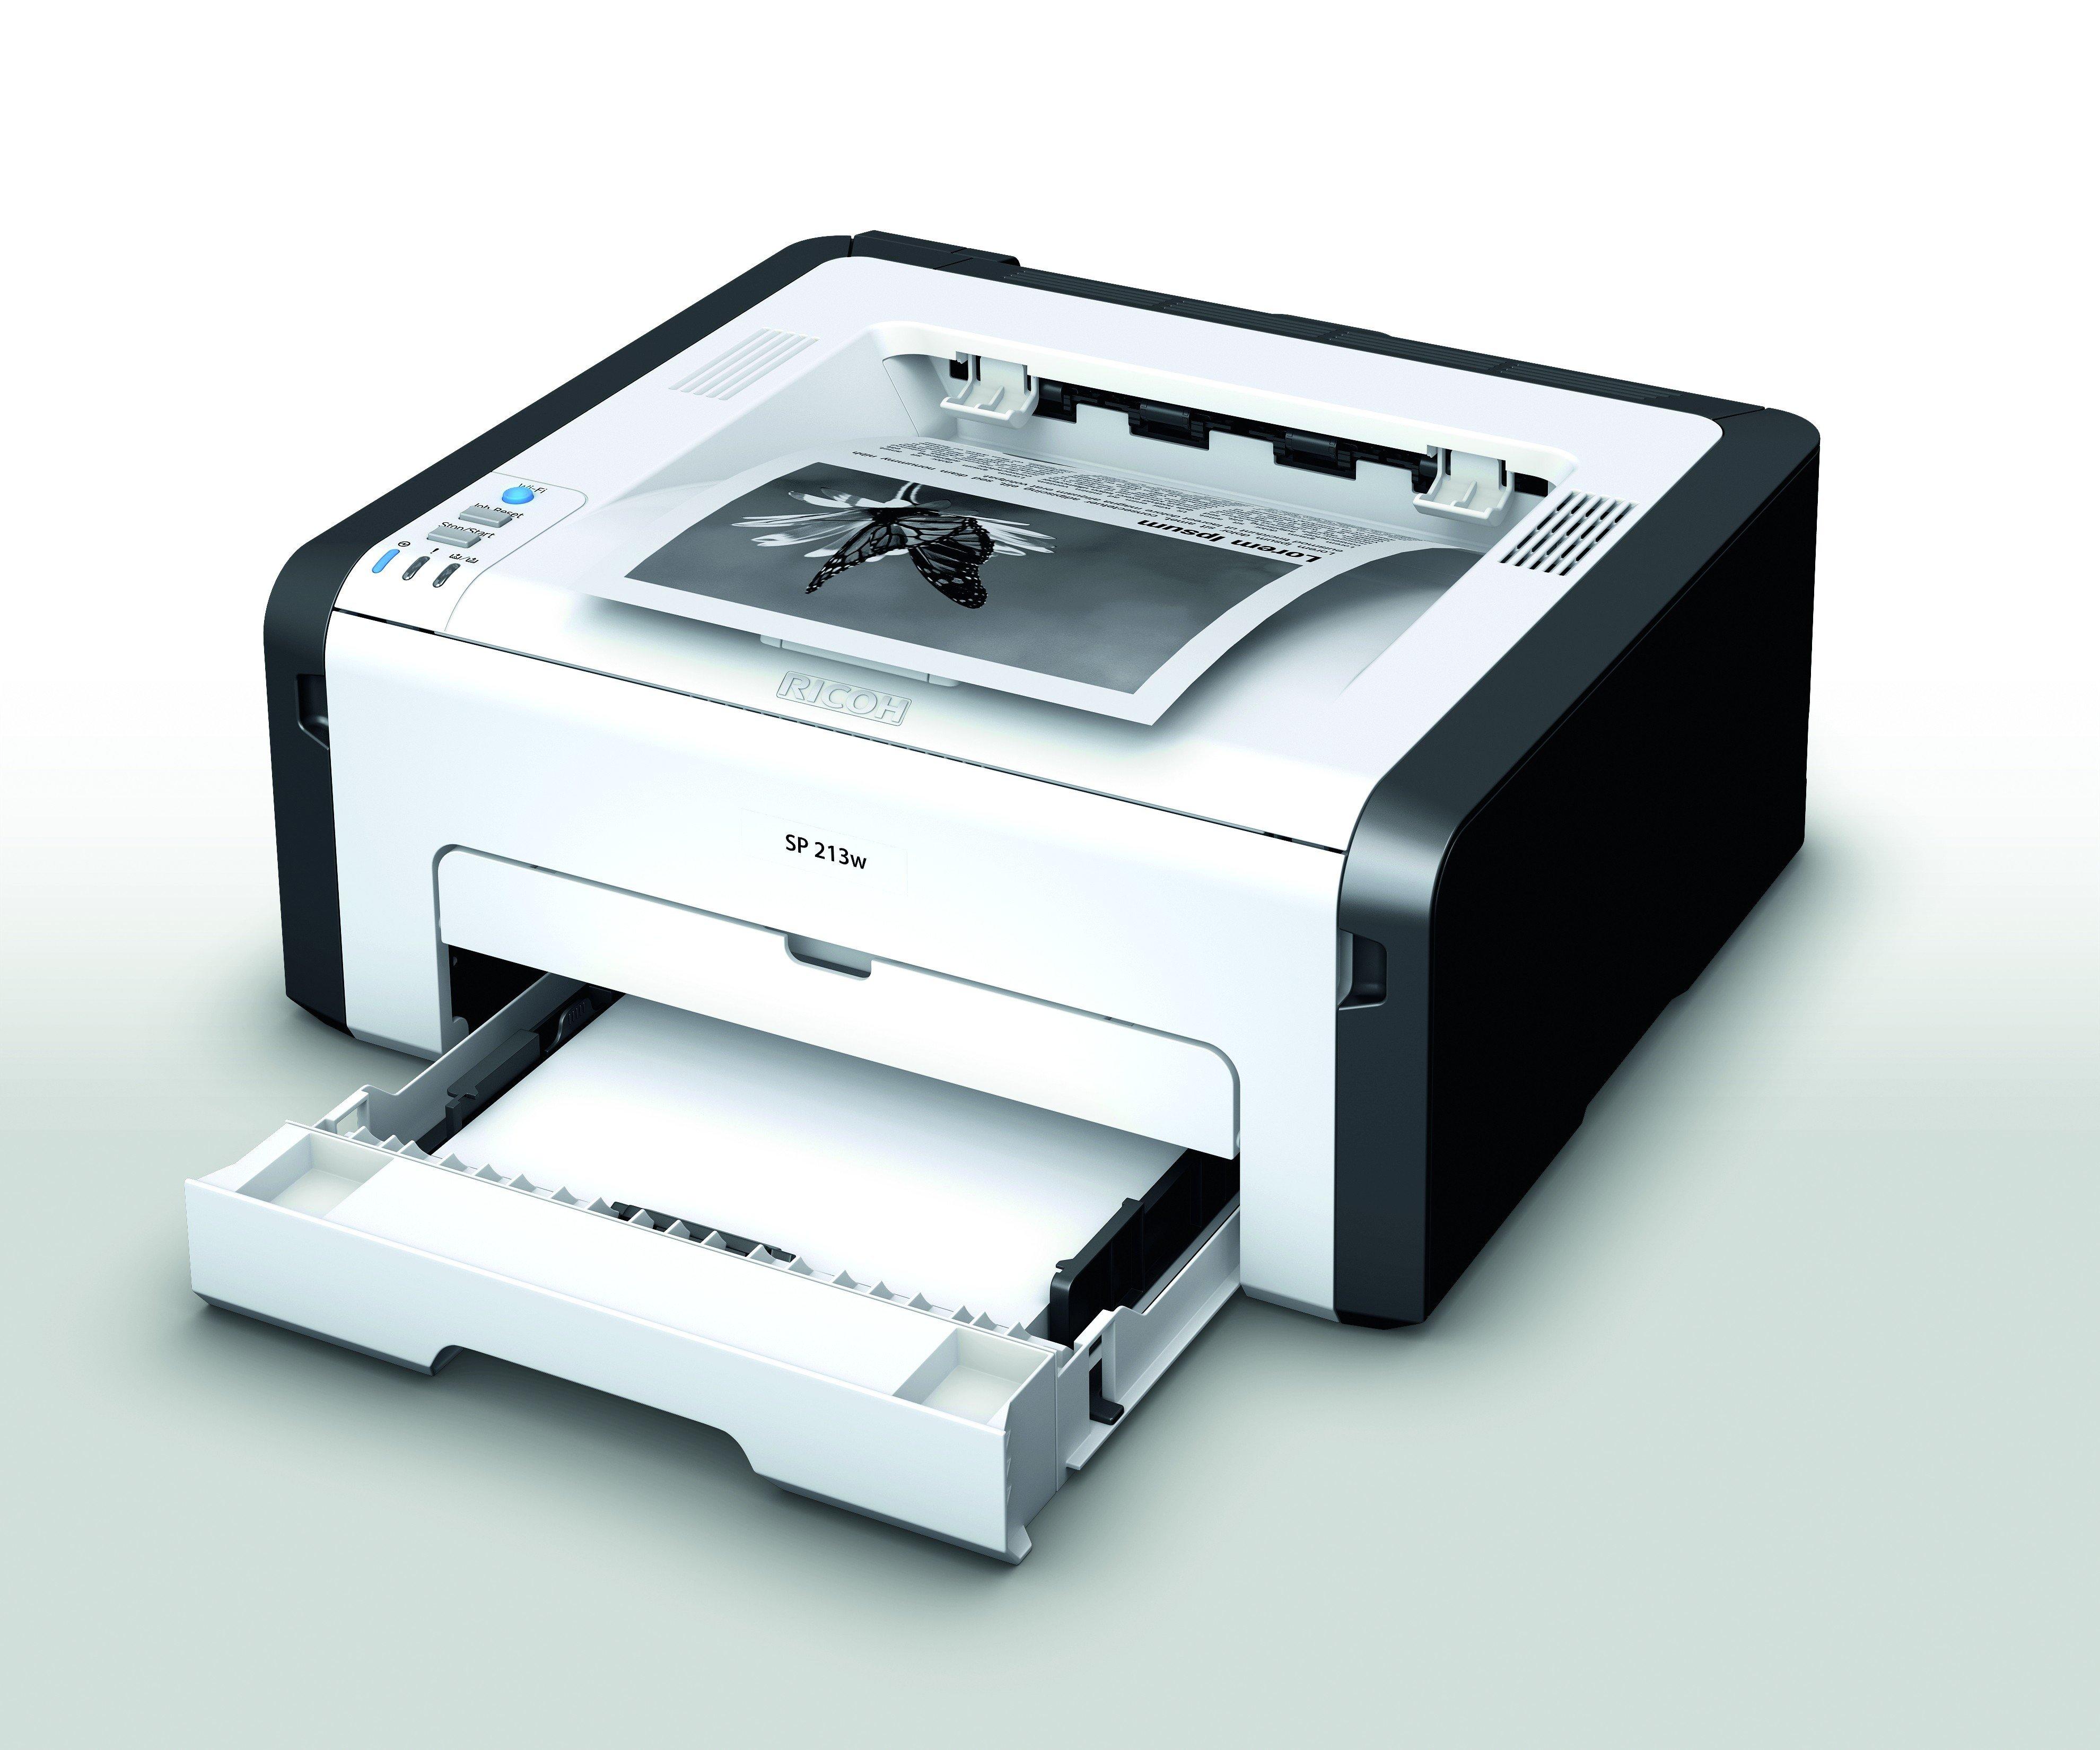 Ricoh Ricoh - SP213W 22PPM A4 Mono Laser Printer